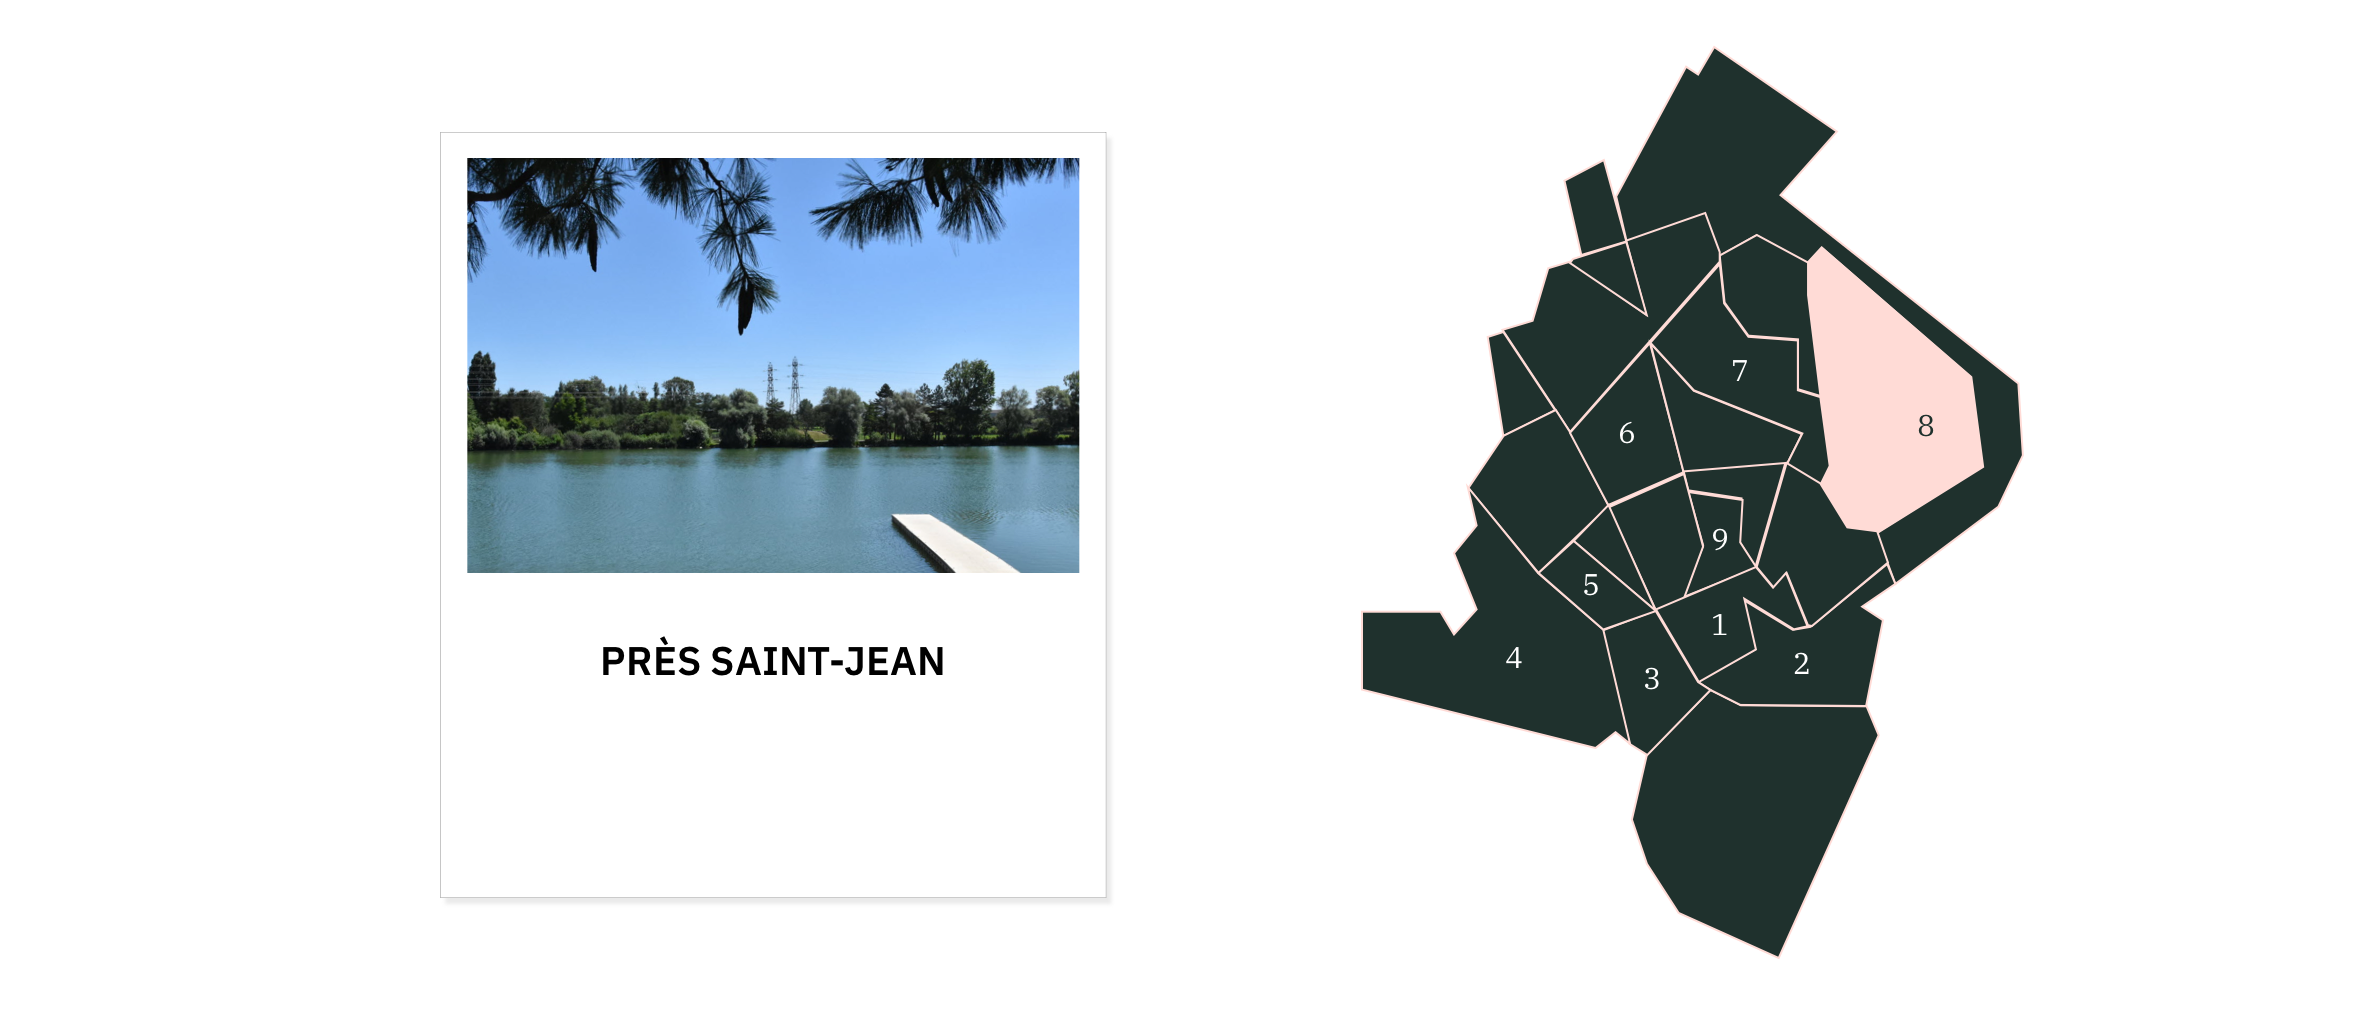 Les Près Saint-Jean ⎮ Quartiers de Chalon-sur-Saône